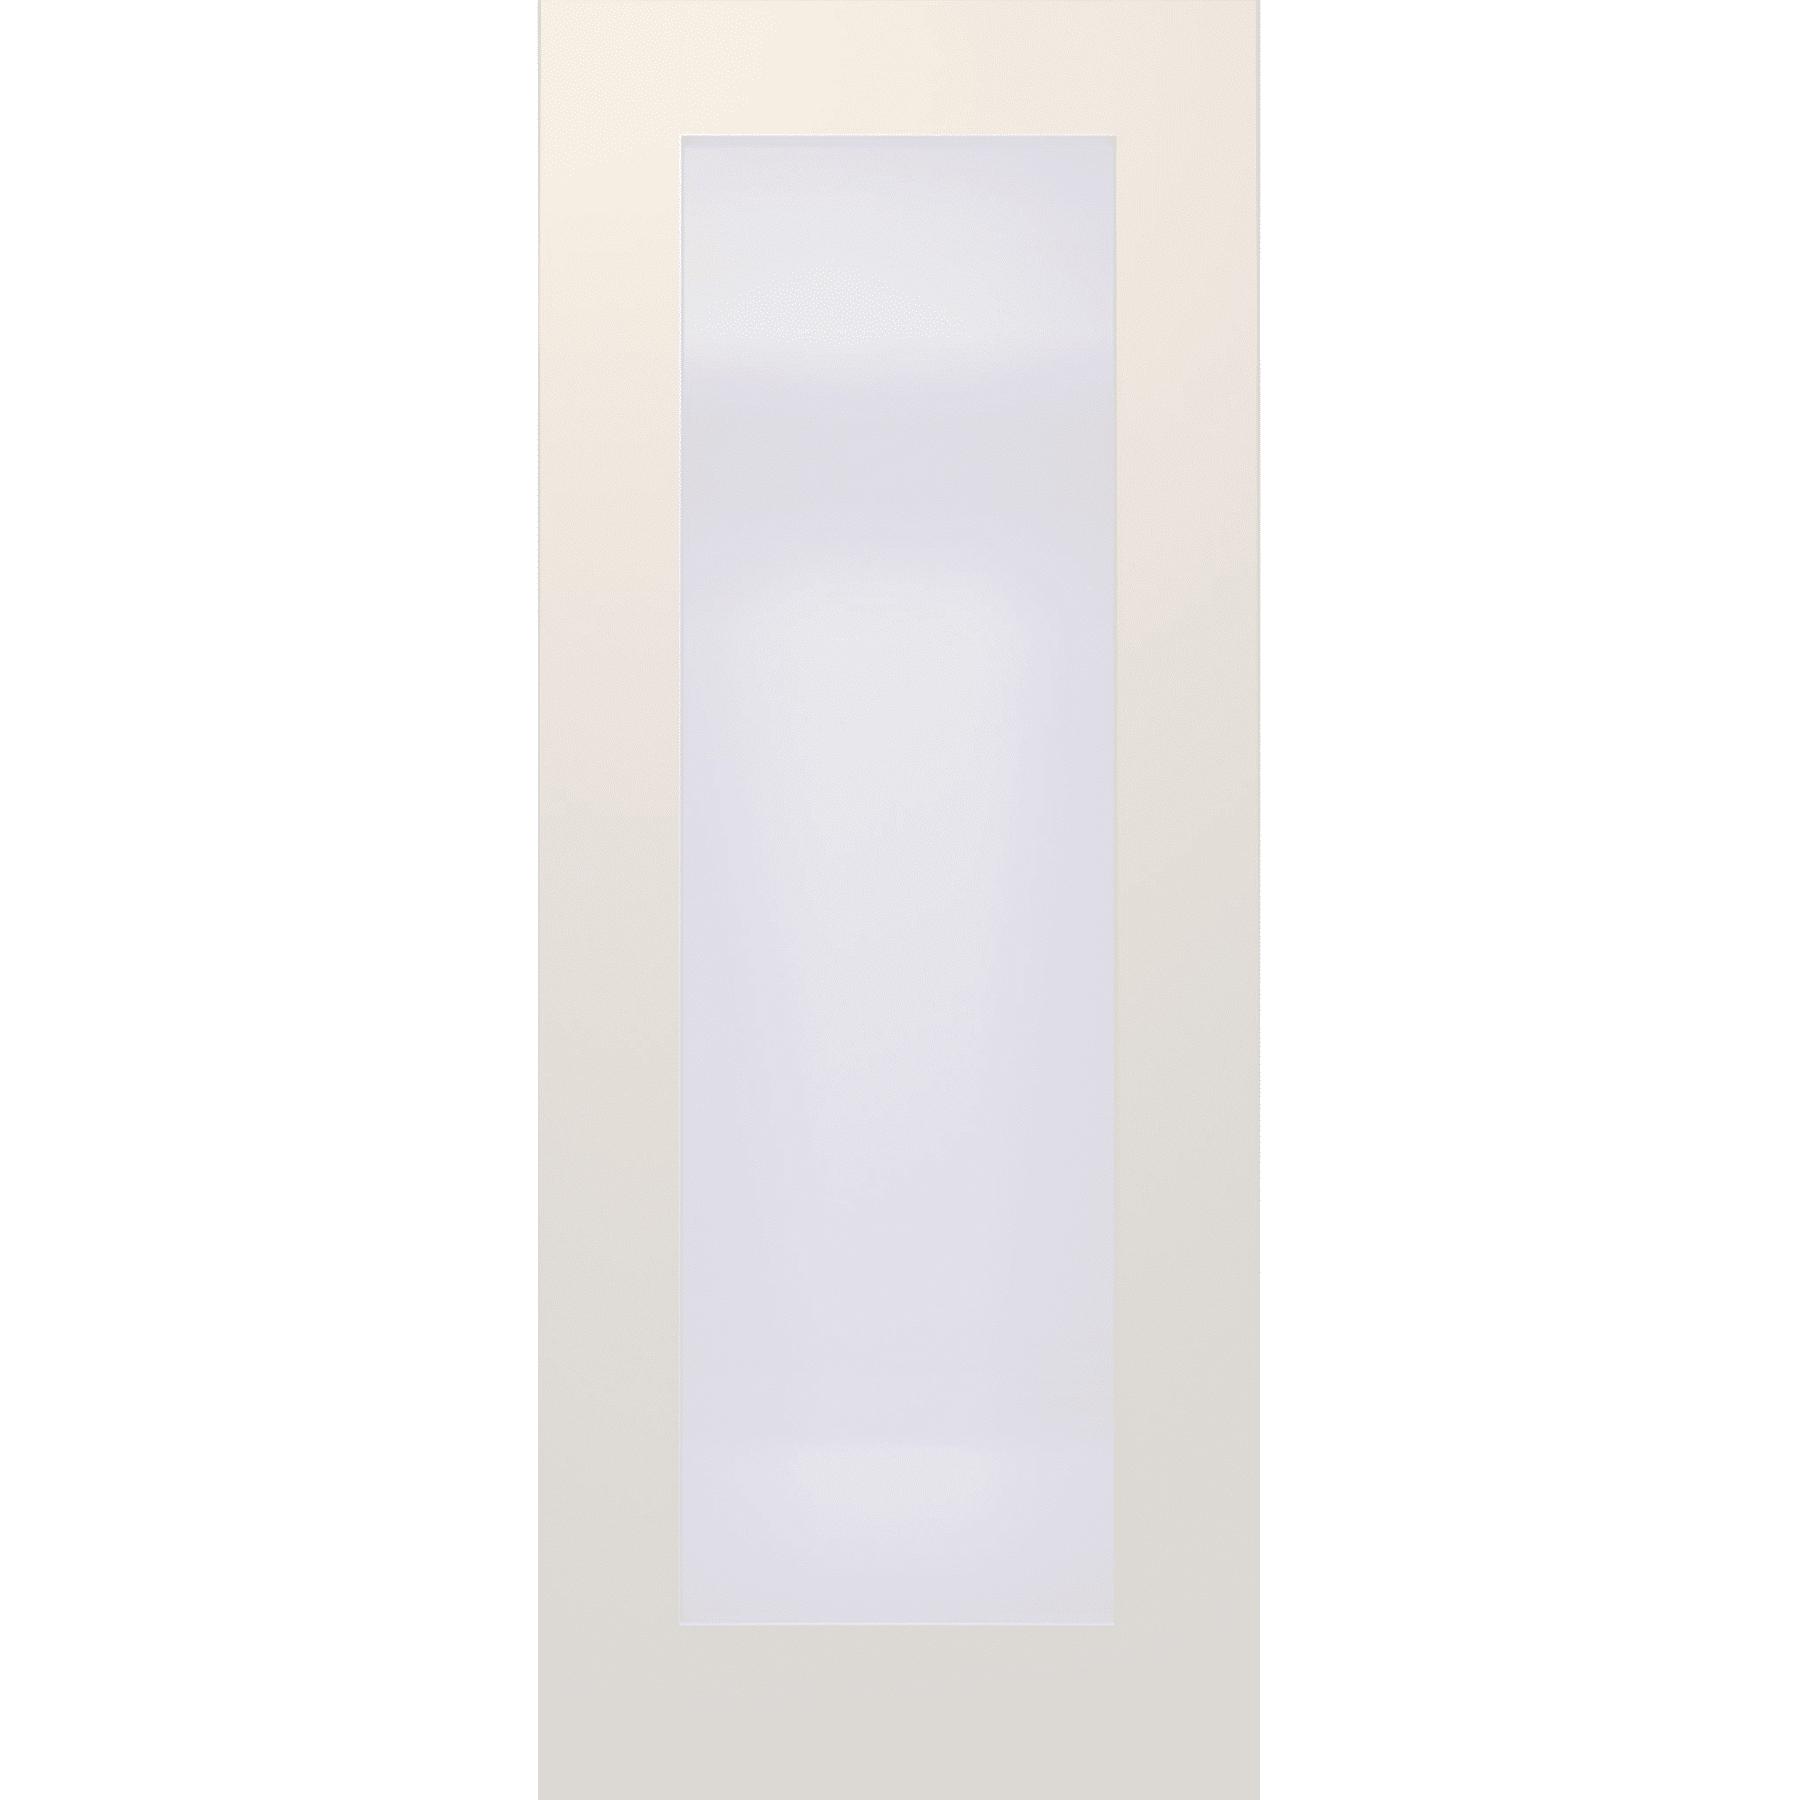 online retailer 094d2 0d8a1 Deanta Denver White Primed Frosted Glazed Interior Door